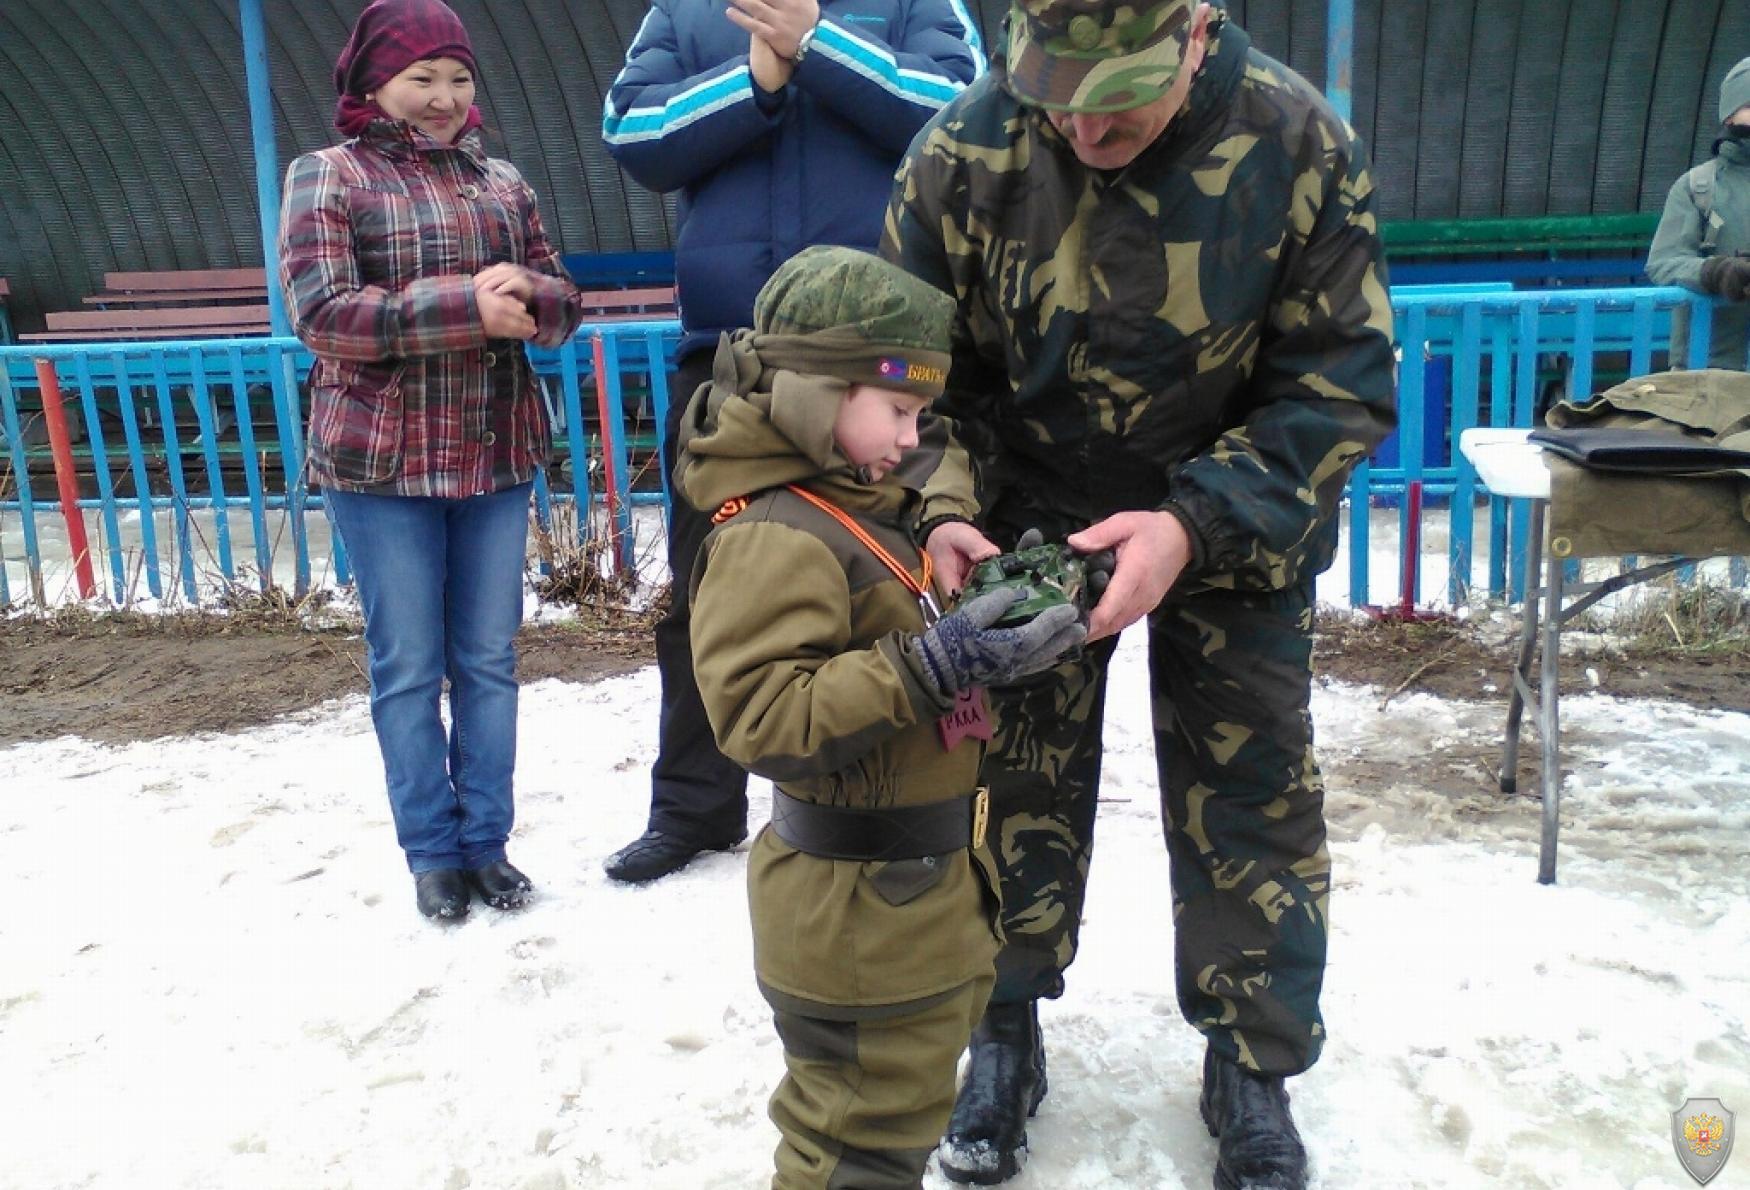 Награждение ценным подарком самого юного участника Фестиваля патриотизма